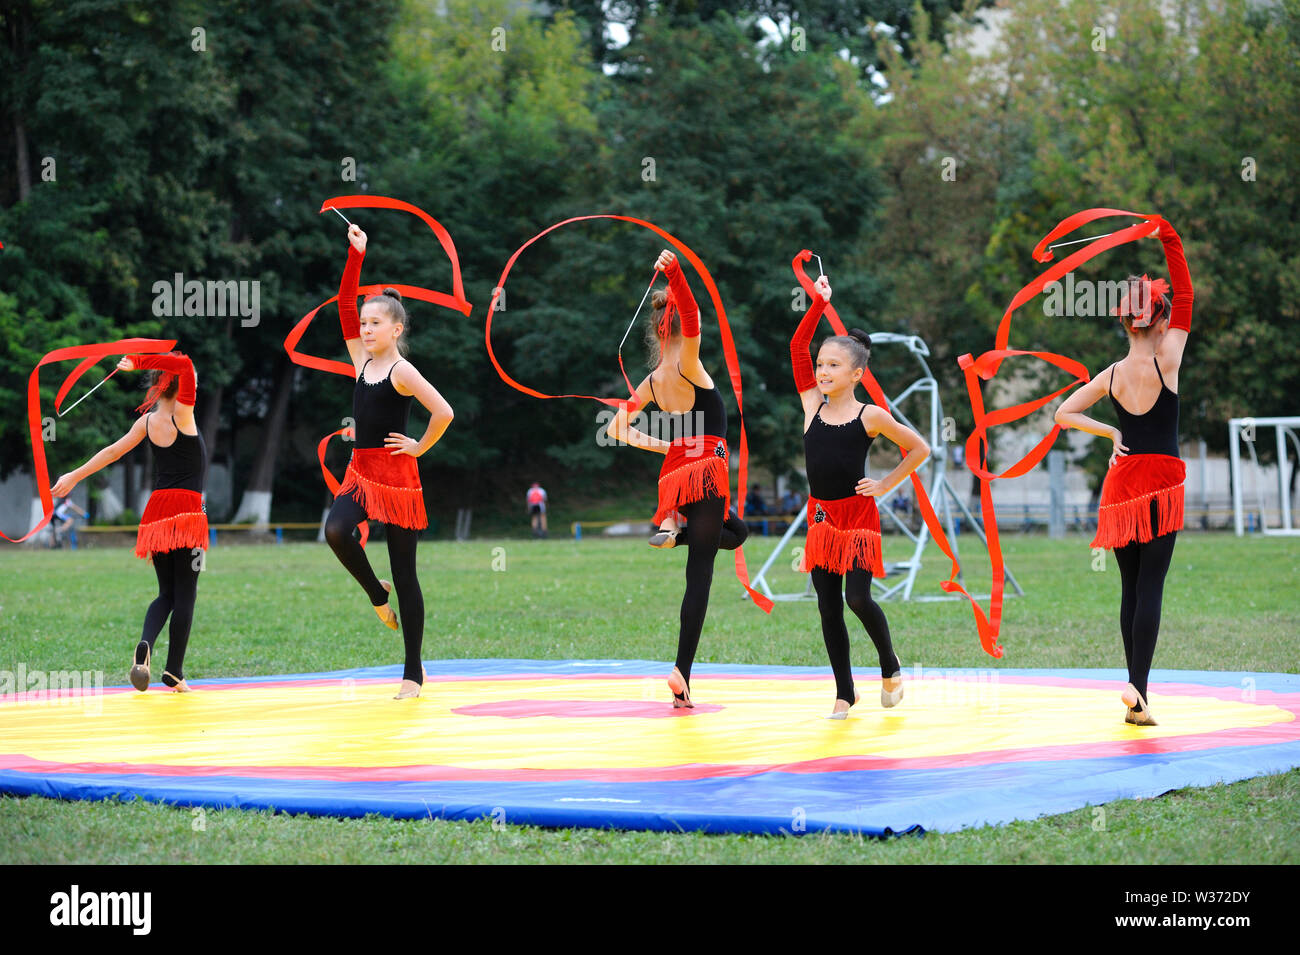 Gruppo di poco la ginnastica artistica le ragazze a fare gli esercizi con nastri su un campo di calcio. Giugno 20, 2019.Kiev, Ucraina Foto Stock